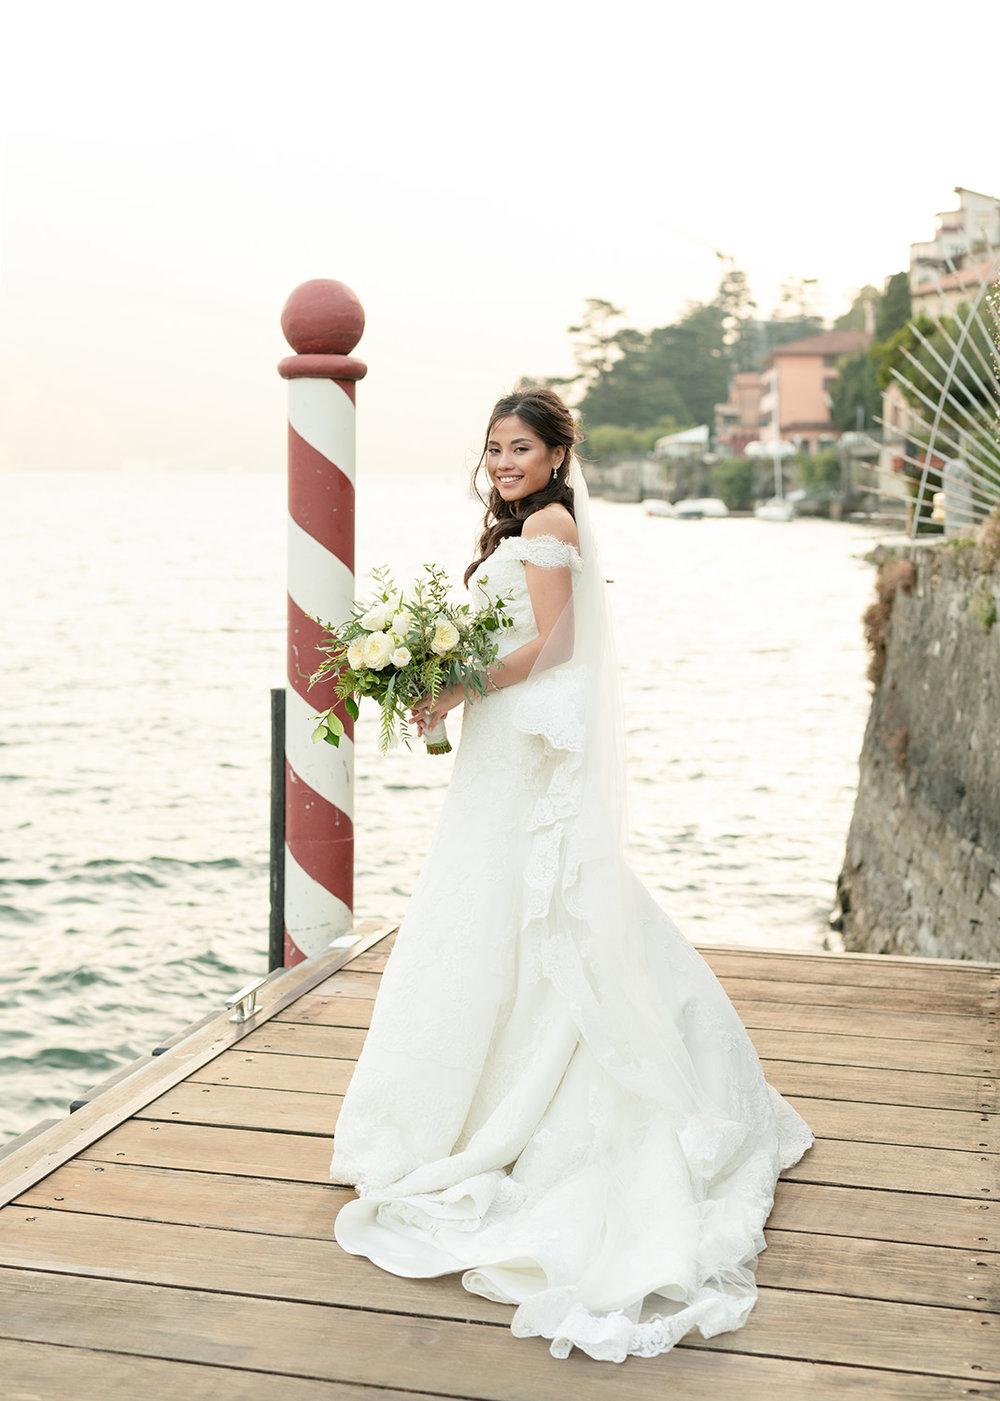 villa-regina-teodolinda-wedding-photographer-C&B-©bottega53-74.JPG